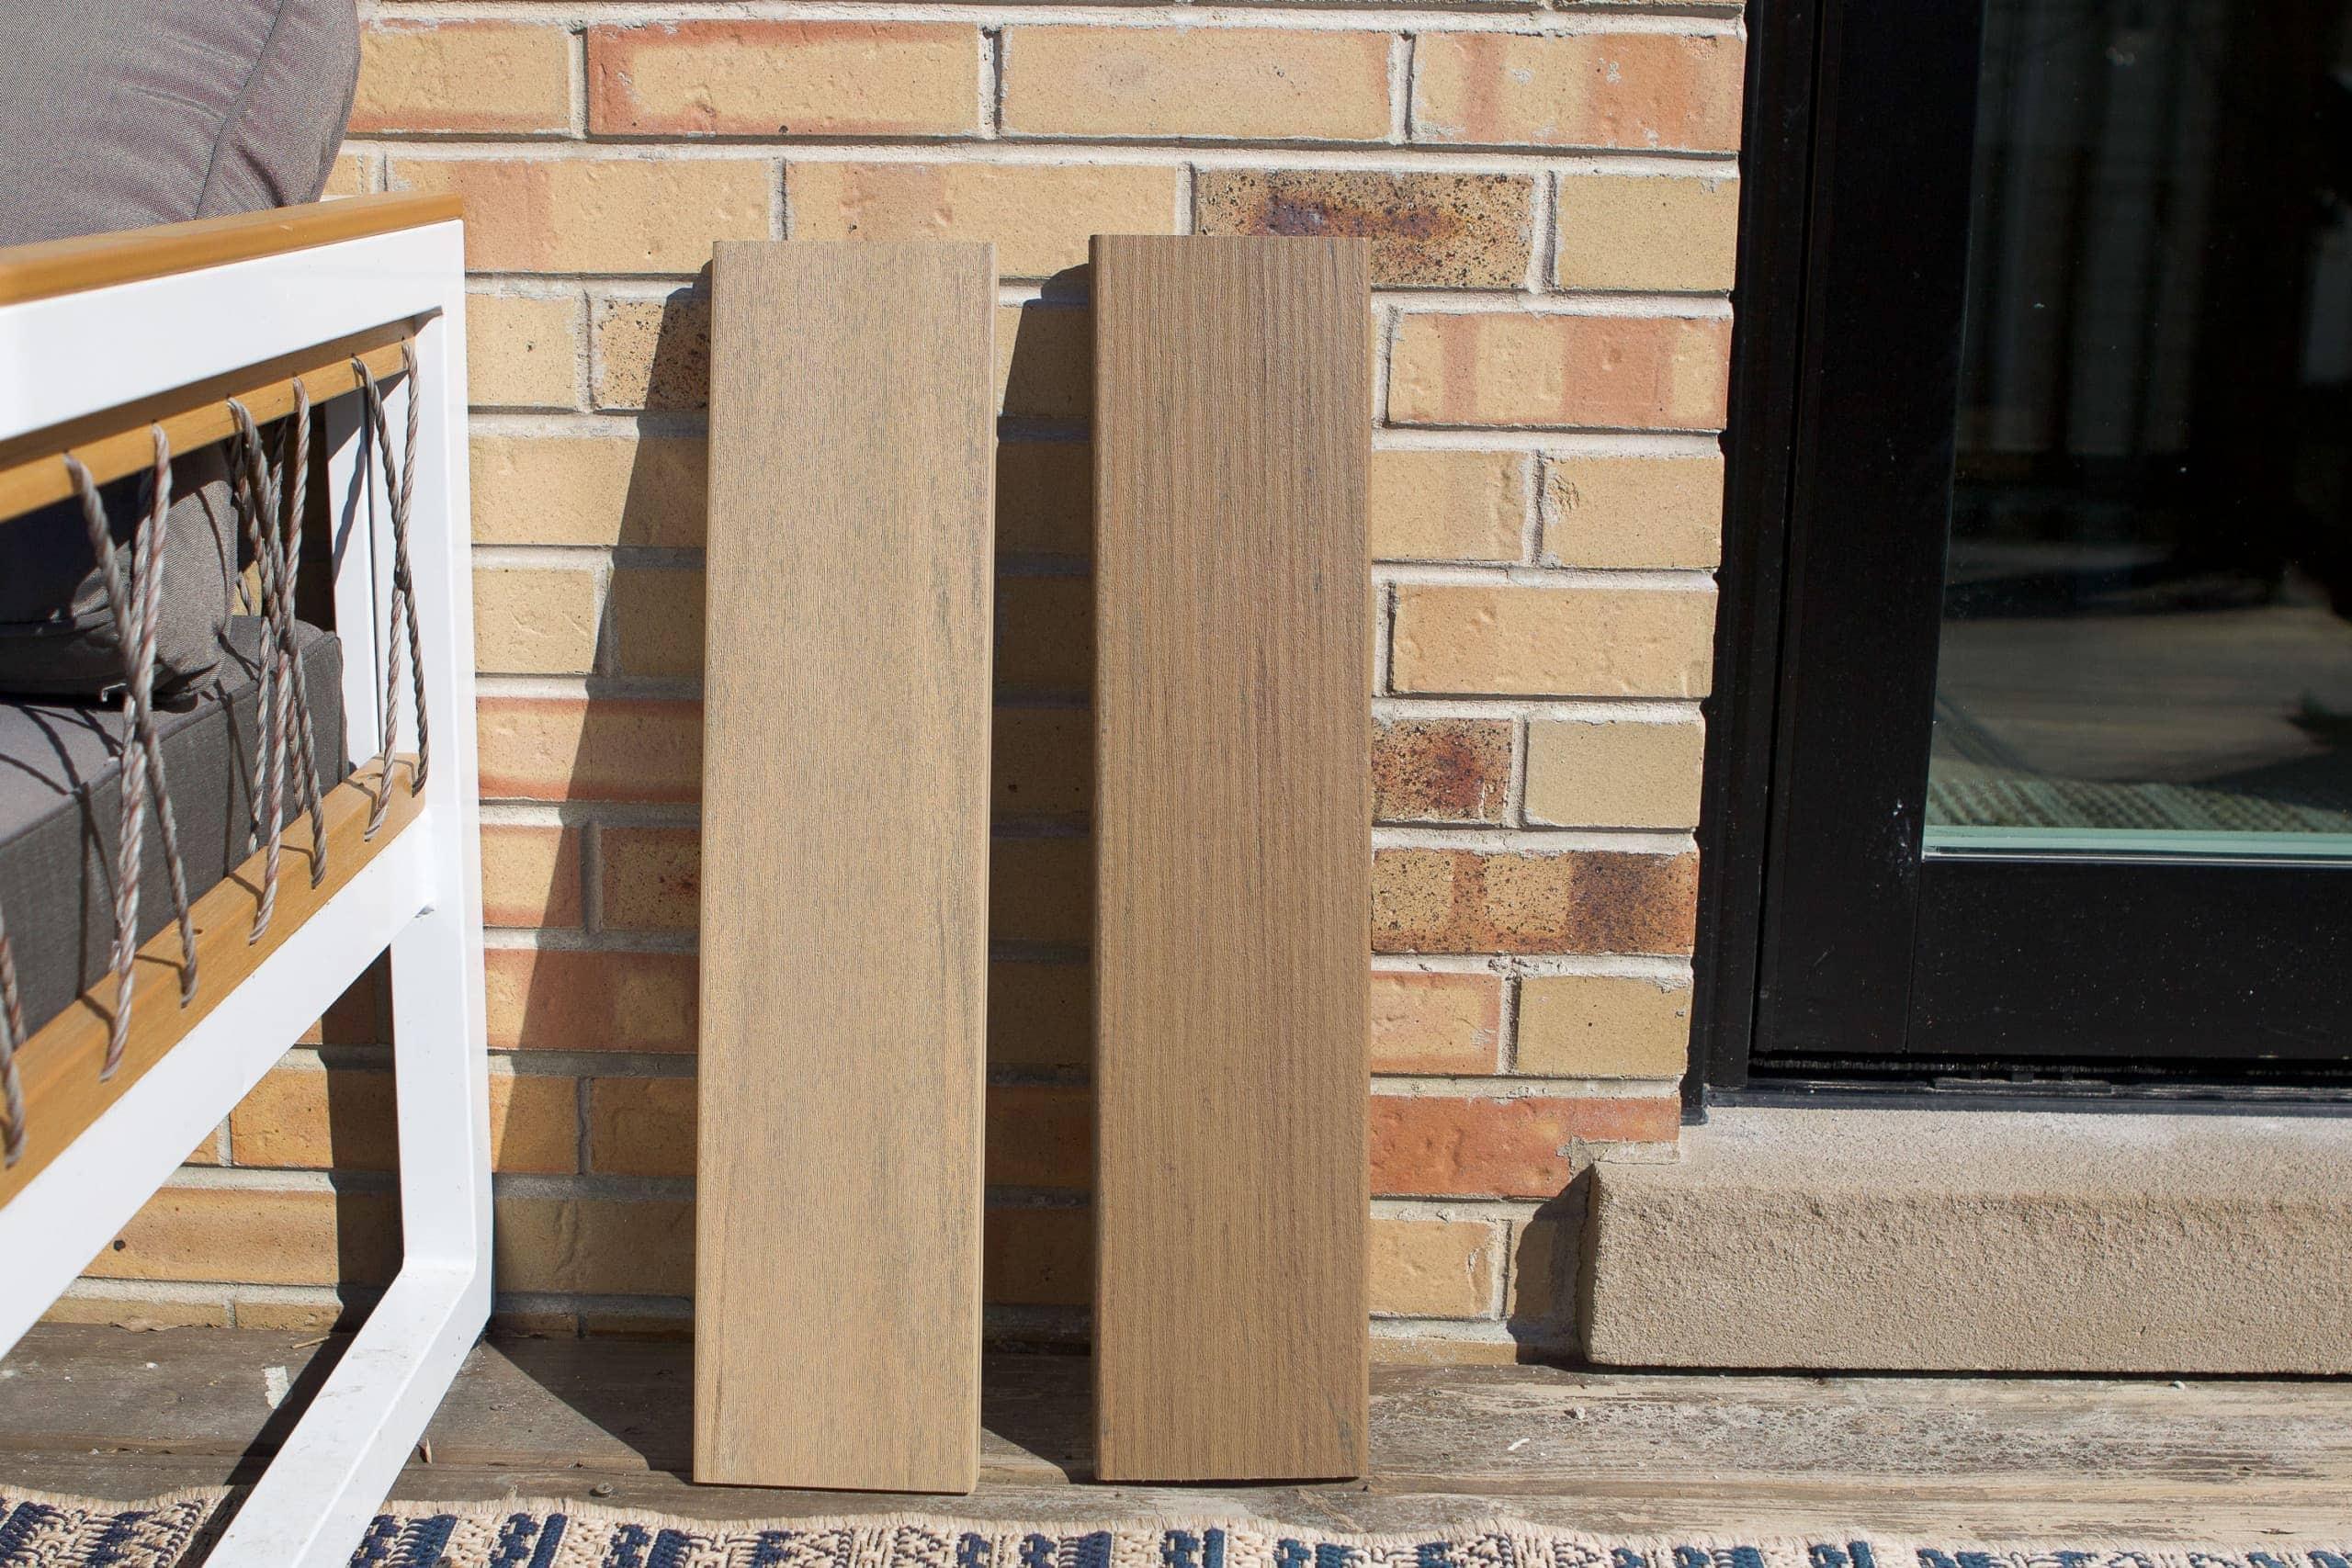 Choosing TimberTech decking materials